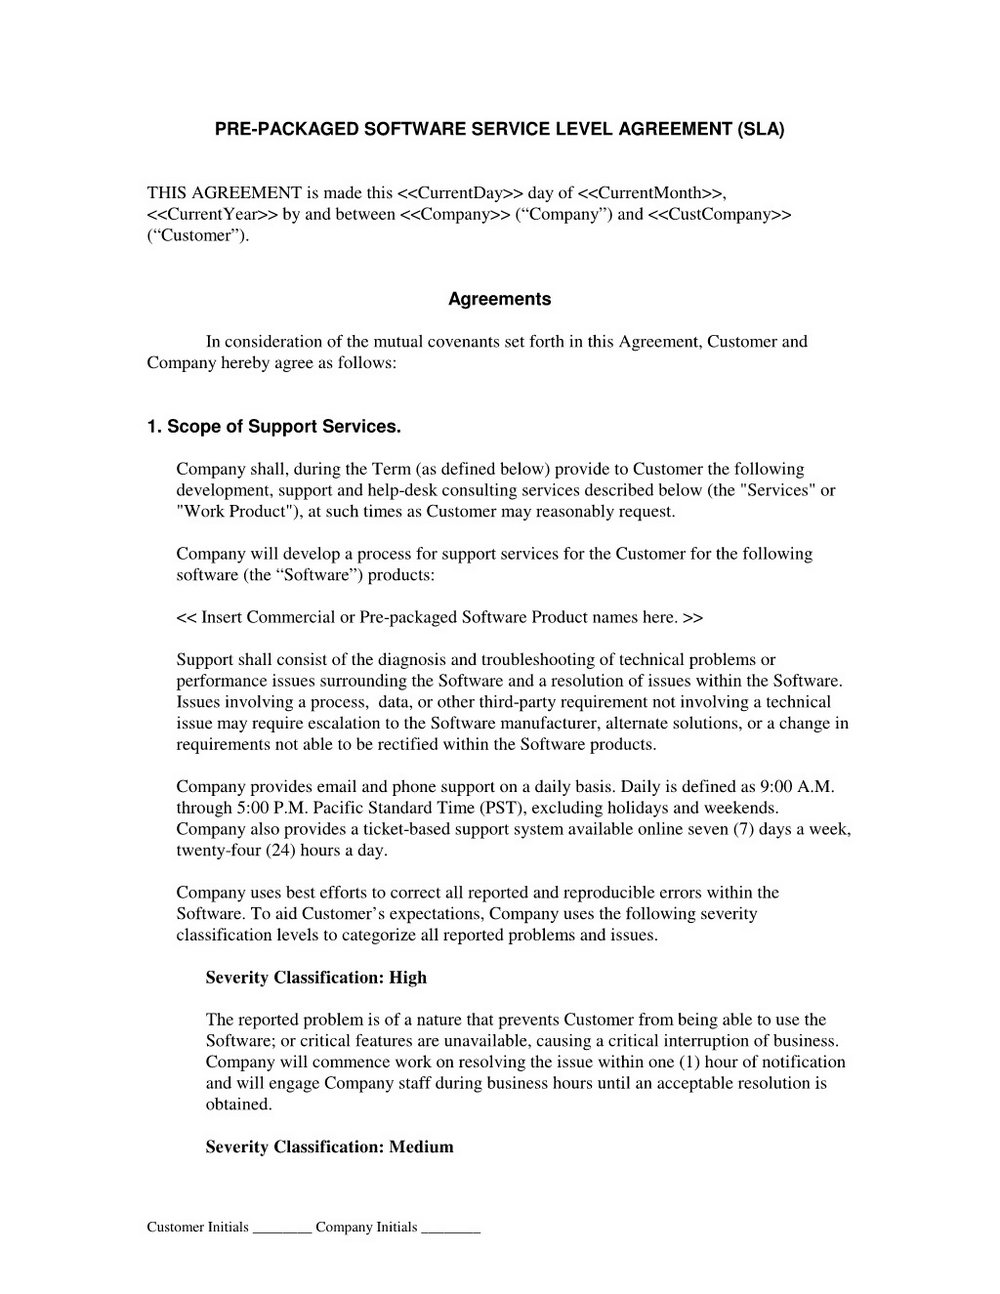 Saas Agreement Template Australia